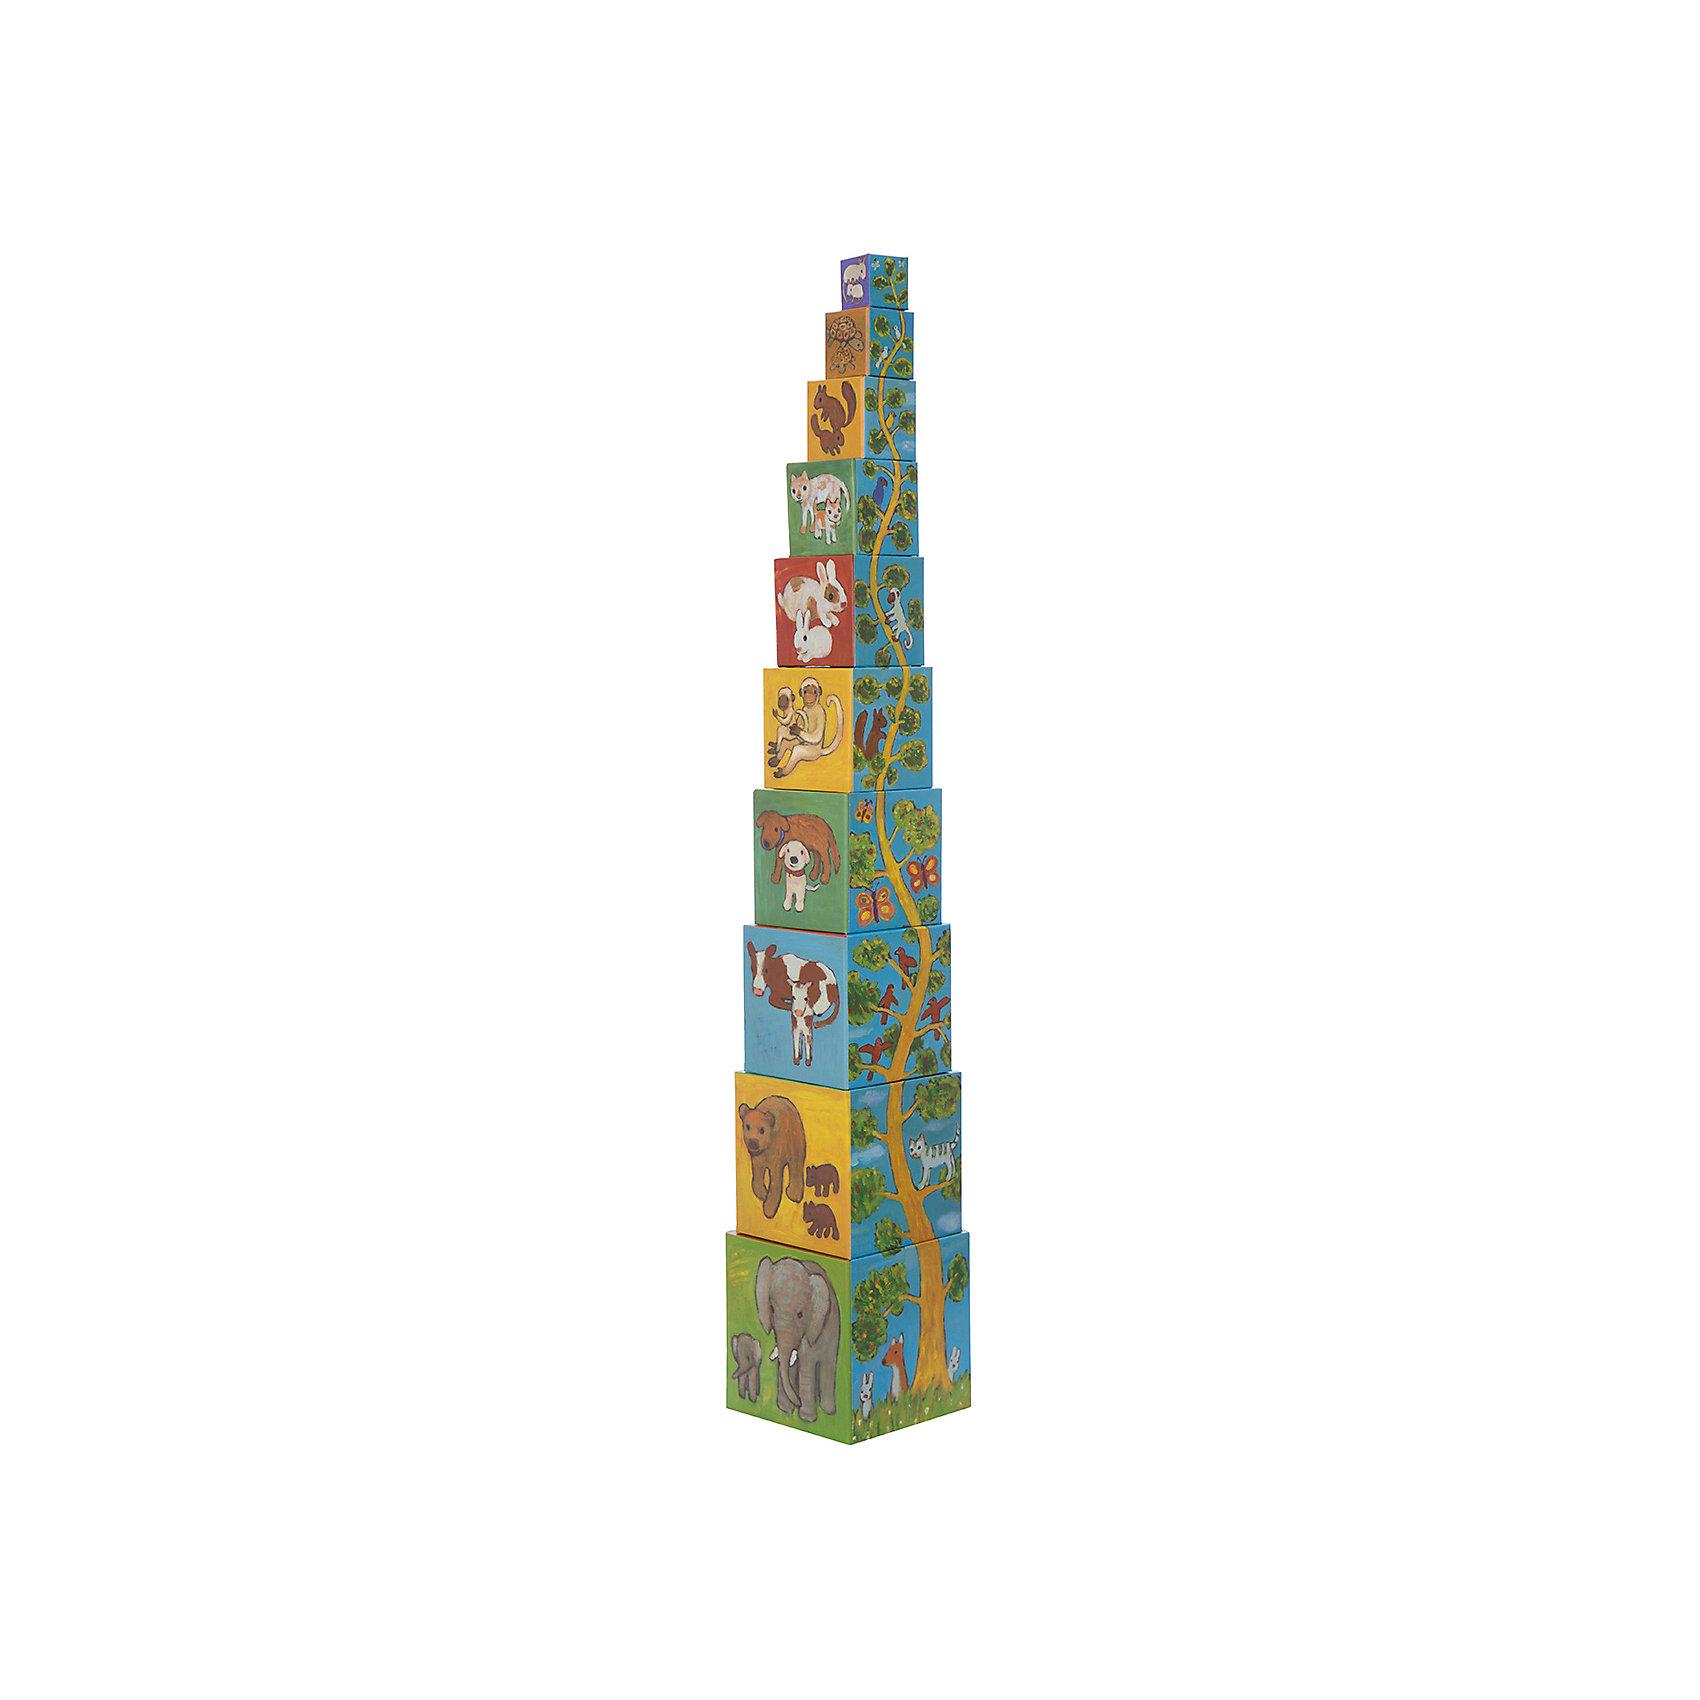 DJECO Кубики-пирамида Мои друзья (10 элементов)Кубики<br>DJECO Кубики-пирамида Мои друзья (10 элементов) - яркие цветные кубики, предназначенные для самых маленьких. С ними можно придумать множество игр!<br><br>На каждой из сторон кубиков нарисованы разнообразные картинки, способствующие обучению счету, цветам, названиям животных. Кроме того, кубики отличаются по размеру и вертикально выстраиваются в пирамидку, что способствует развитию координации движений ребенка и формированию понятия больше-меньше.<br><br>Дополнительная информация:<br><br>- В комплекте: 10 кубиков.<br>- Материал: плотный картон.<br><br>Ширина мм: 150<br>Глубина мм: 150<br>Высота мм: 150<br>Вес г: 700<br>Возраст от месяцев: 12<br>Возраст до месяцев: 36<br>Пол: Унисекс<br>Возраст: Детский<br>SKU: 3193446